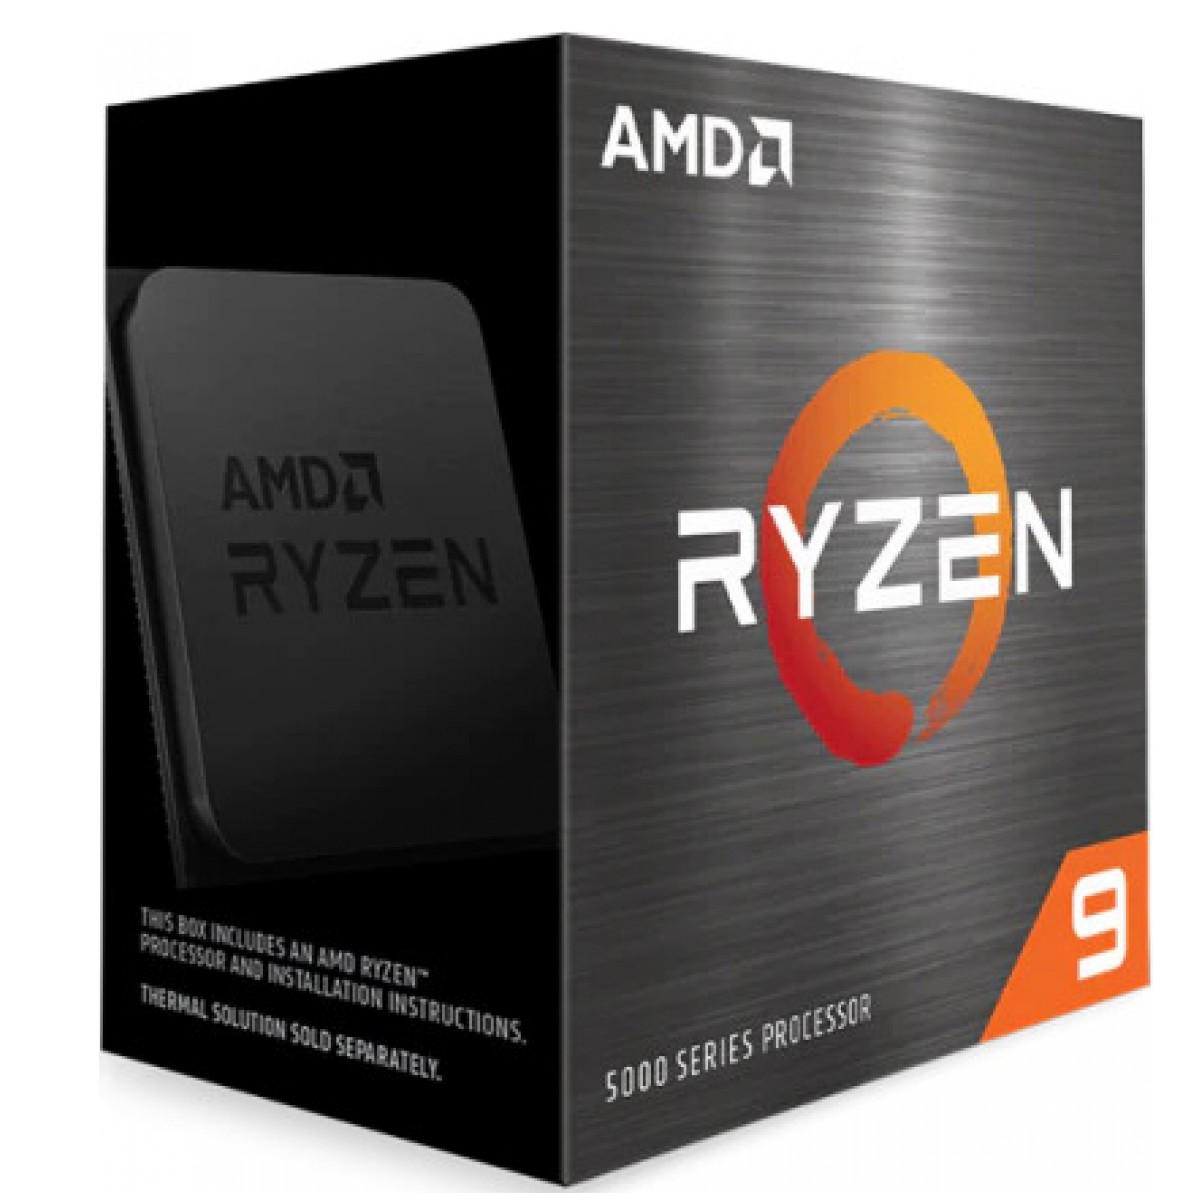 Kit Upgrade ASUS ROG STRIX  RX 570 OC + AMD Ryzen 9 5950X + Brinde Jogo Dirt 5